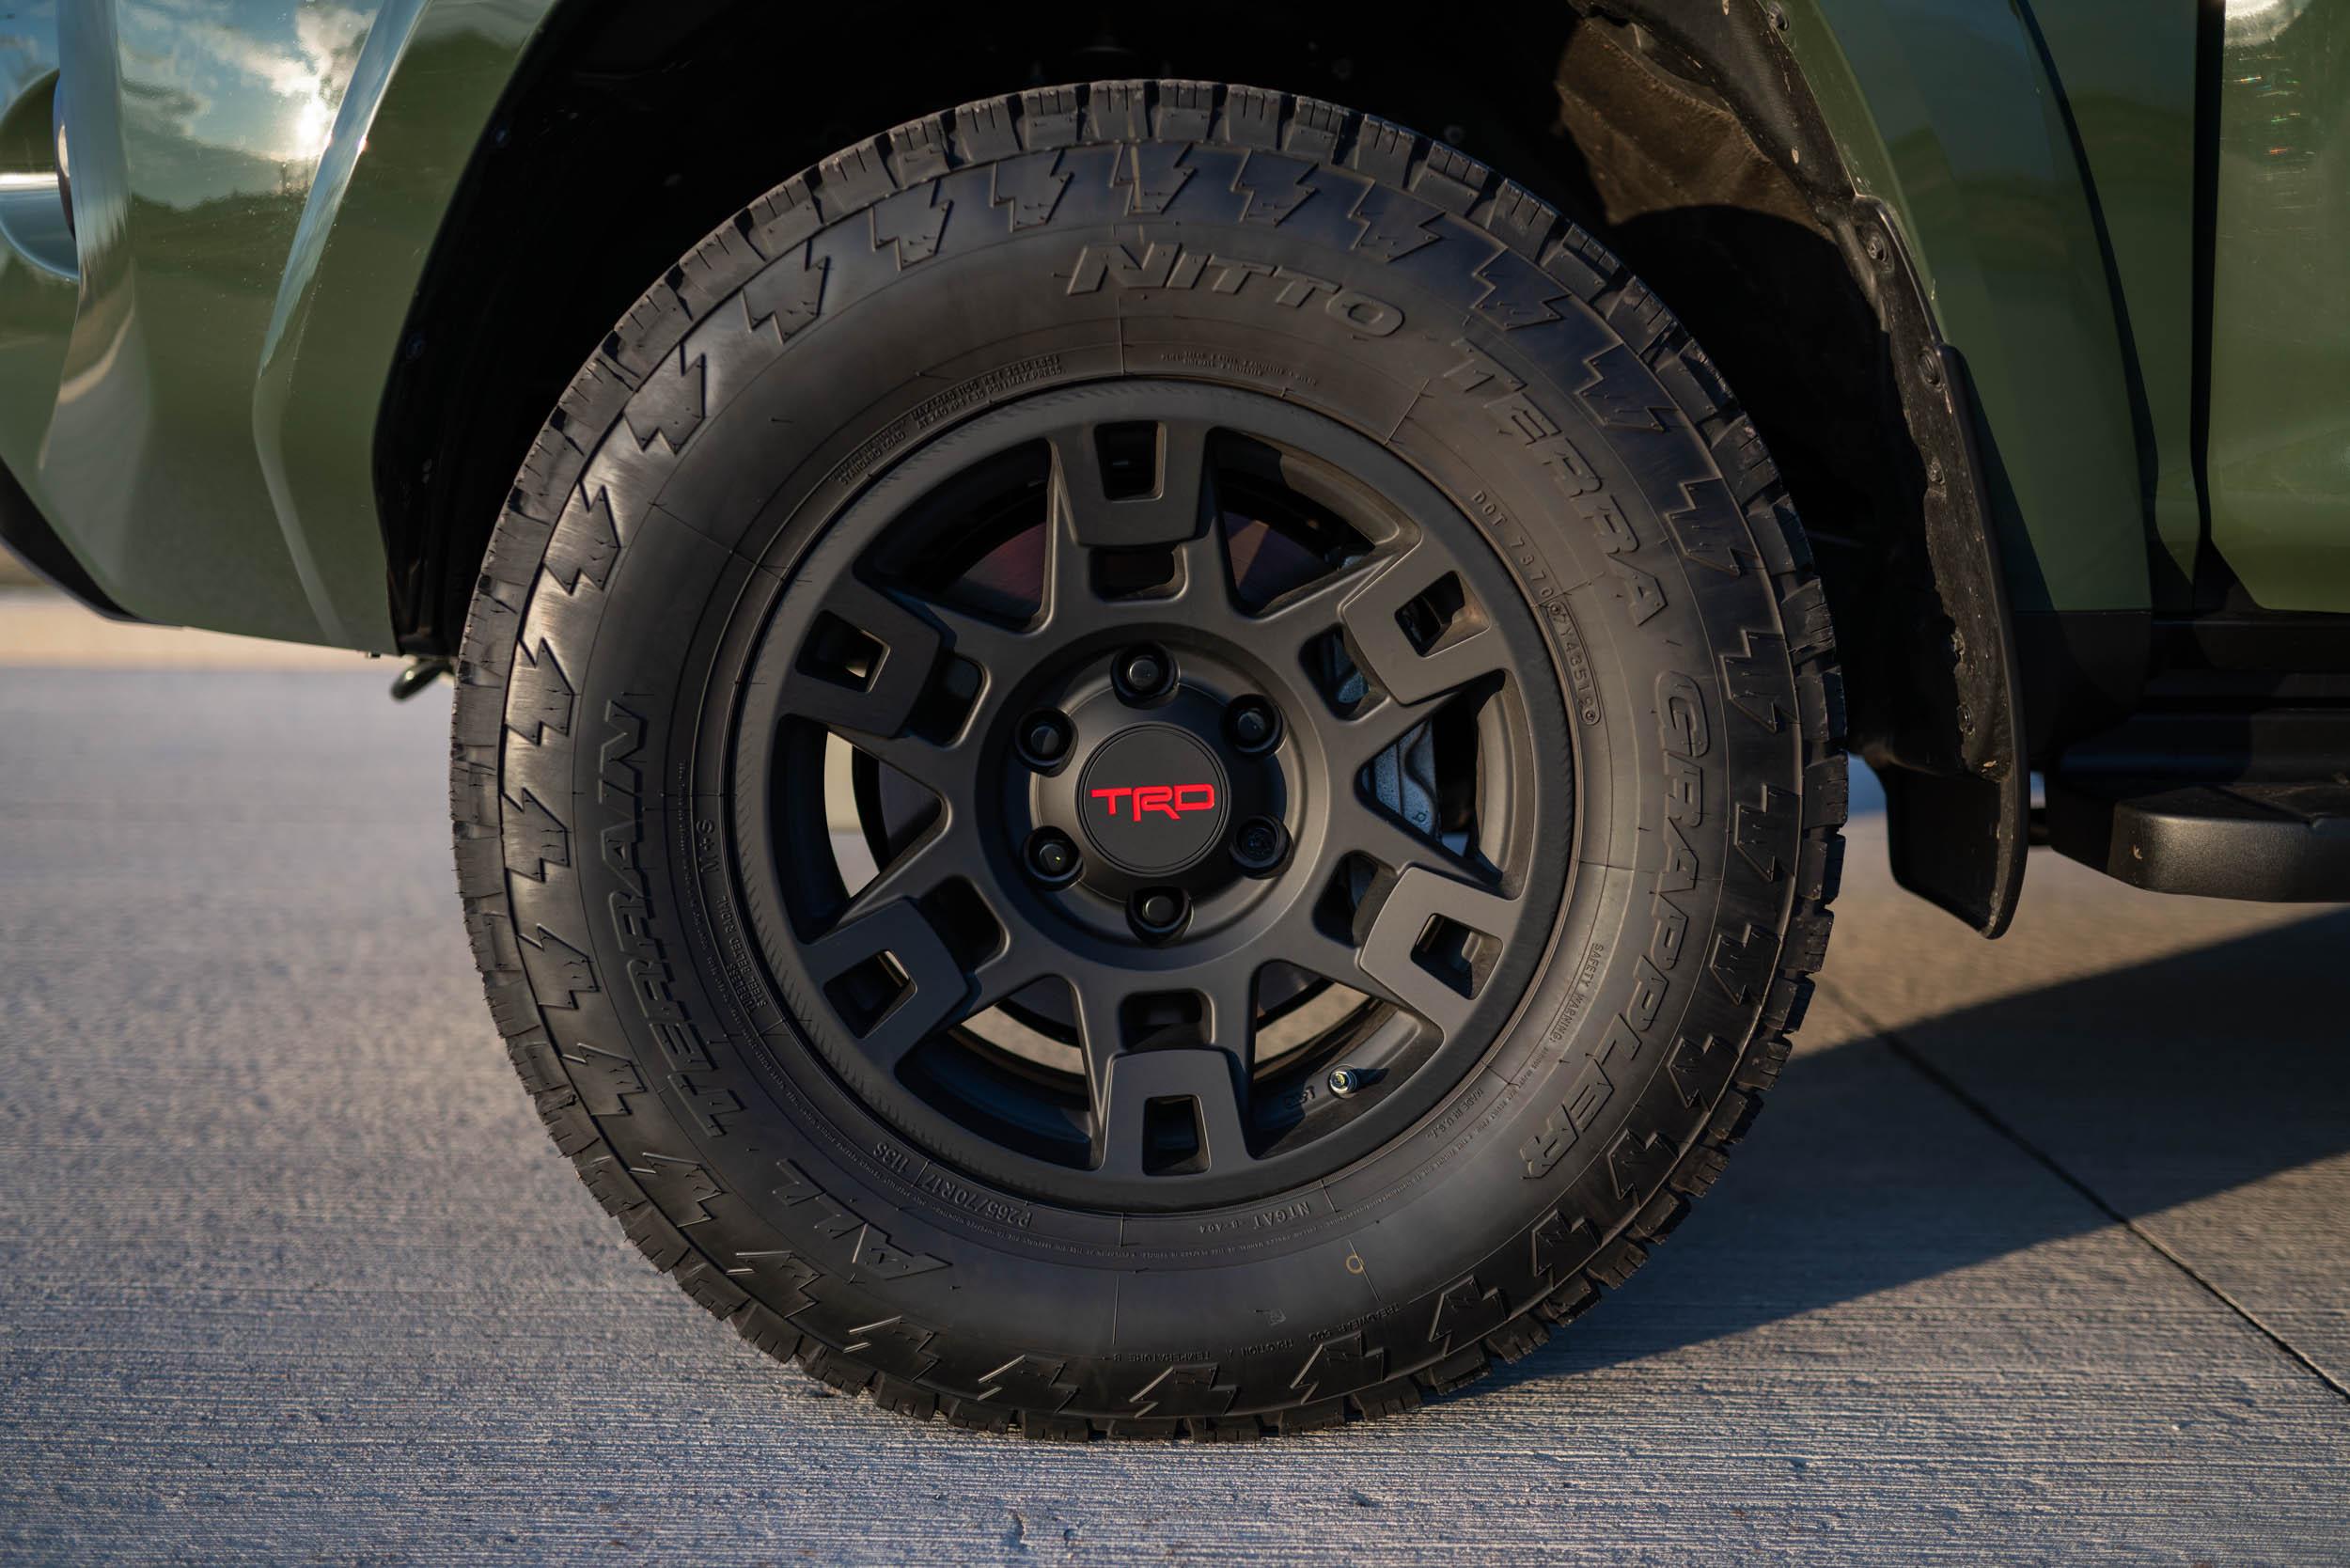 2020 Toyota 4Runner Wheel Assembly